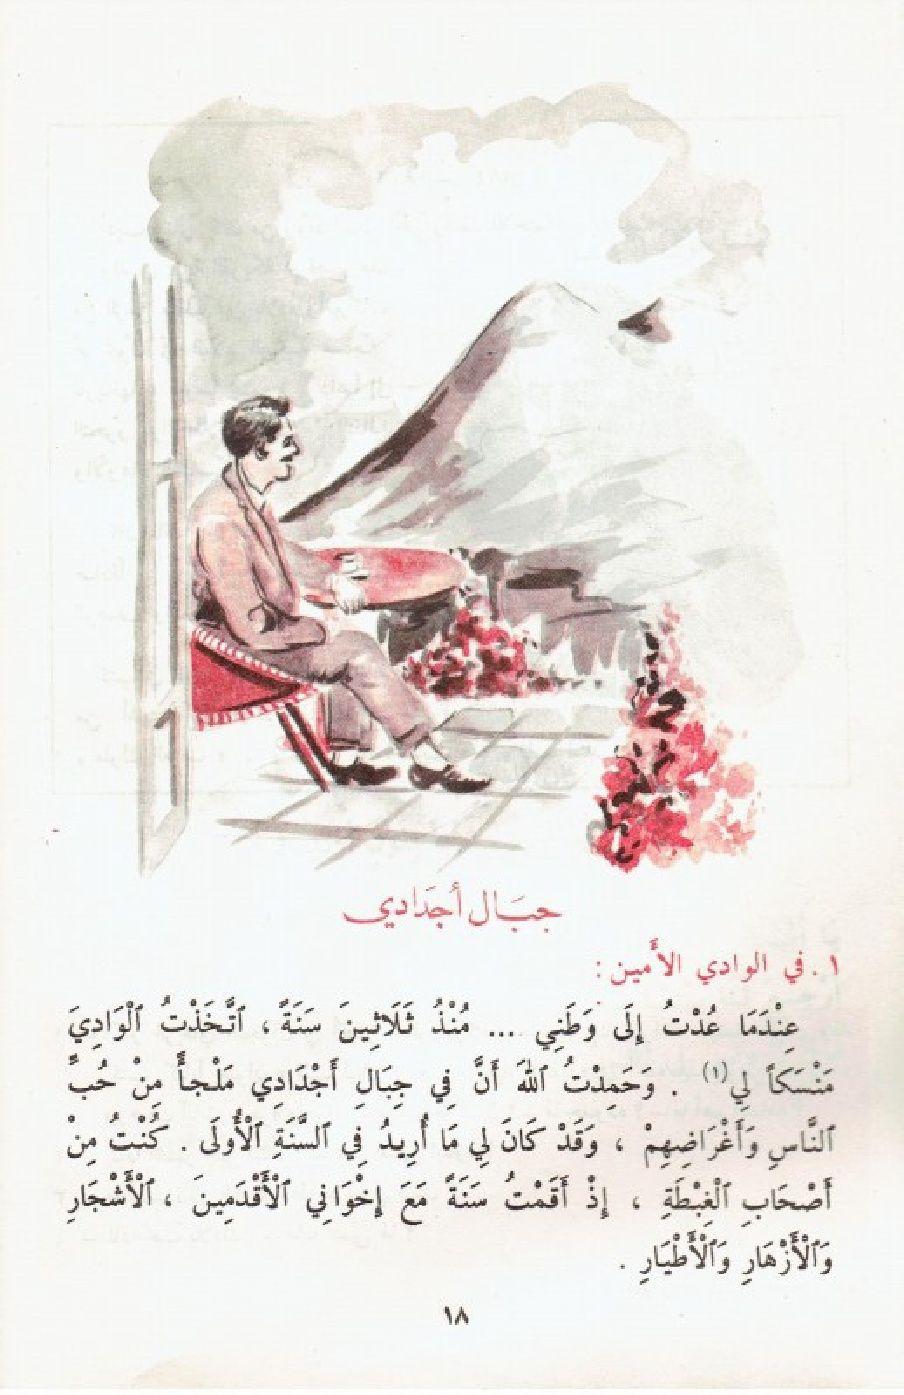 الجديد في الأدب العربي الجزء 1 001